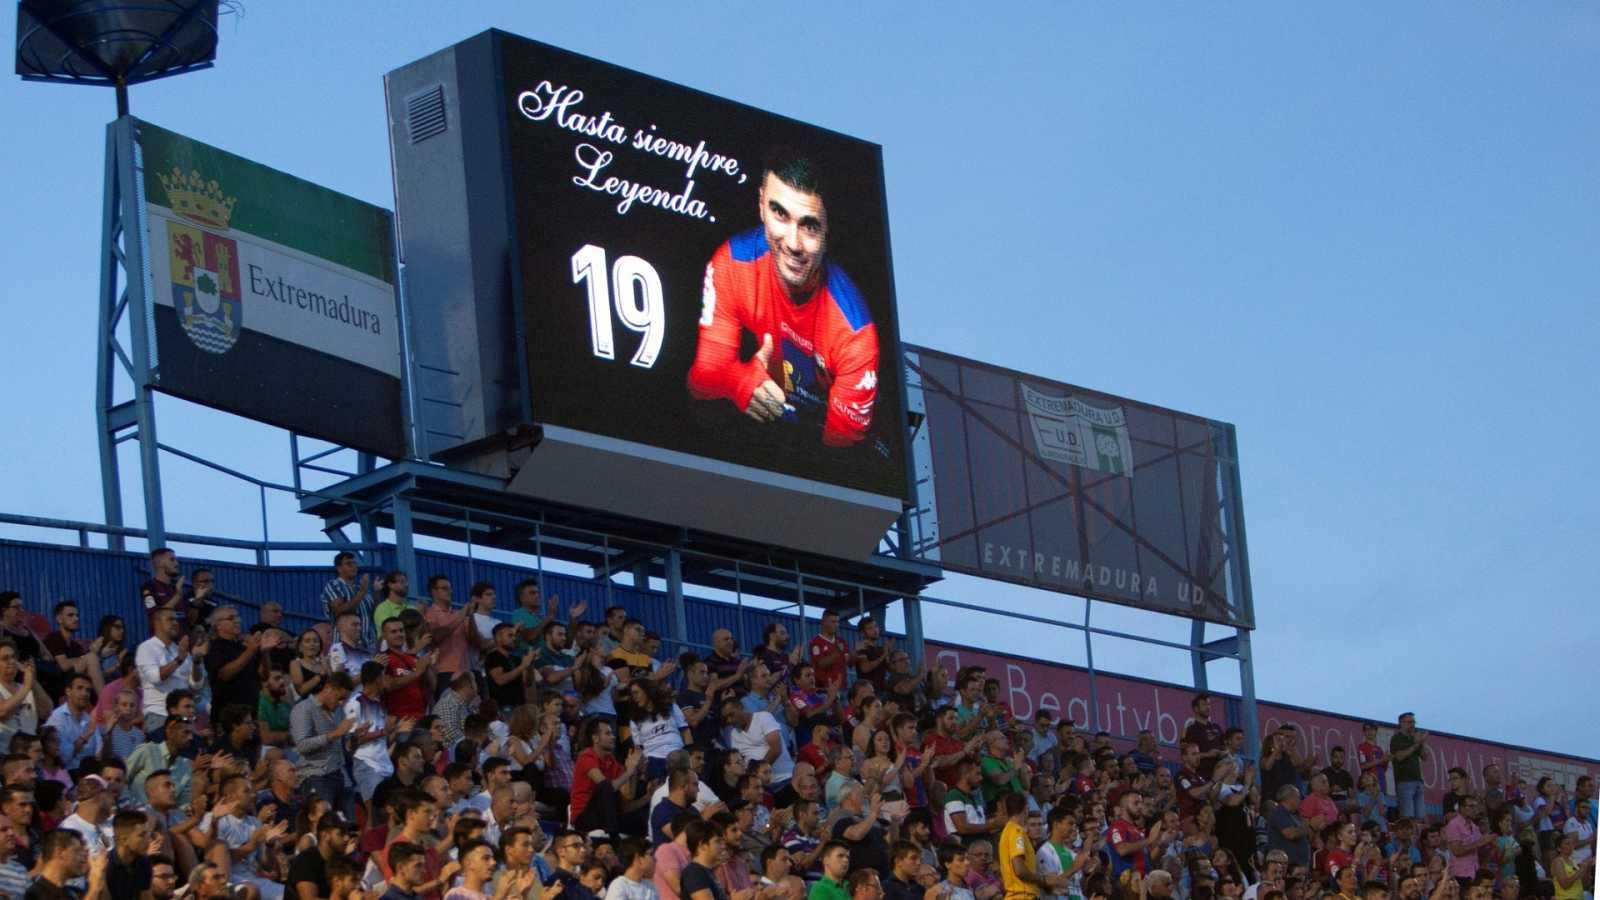 Imagen del Partido de homenaje a José Antonio Reyes en Extremadura